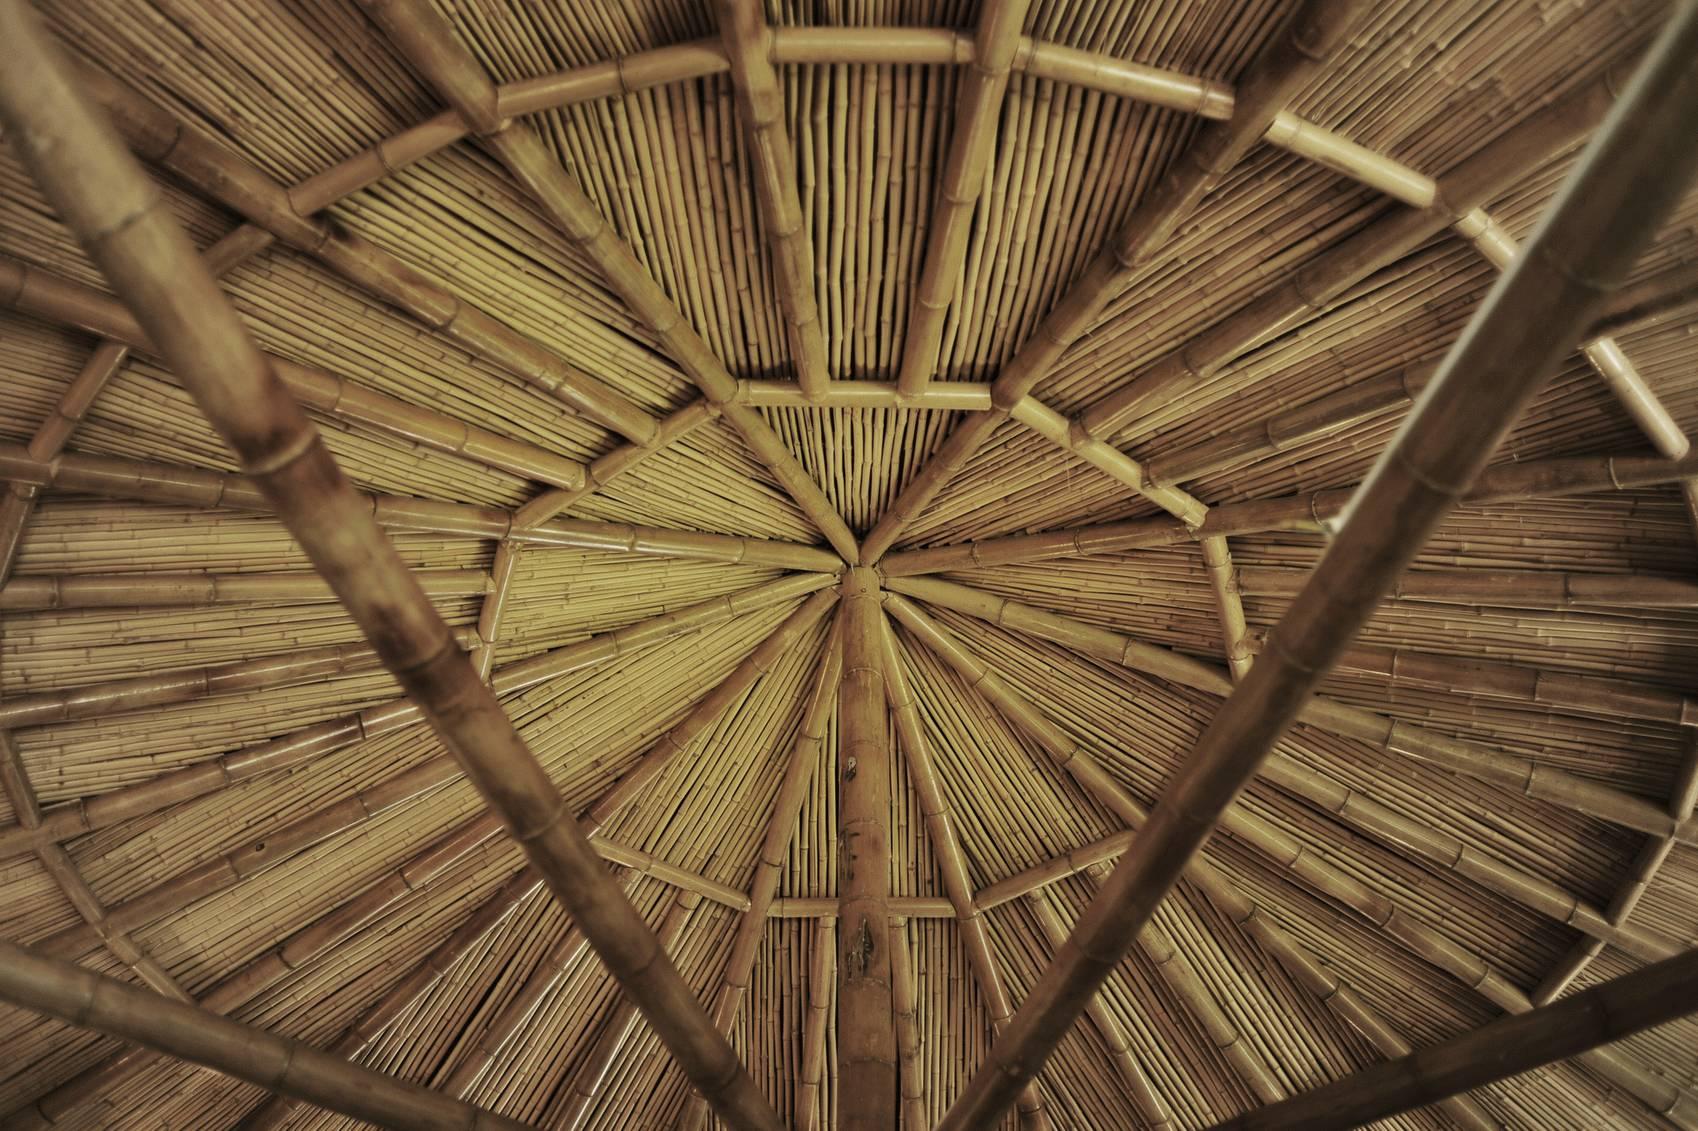 ▼竹结构屋顶构造 竹子,竹梢与夯土相互映衬, 使裸心小馆具有一种